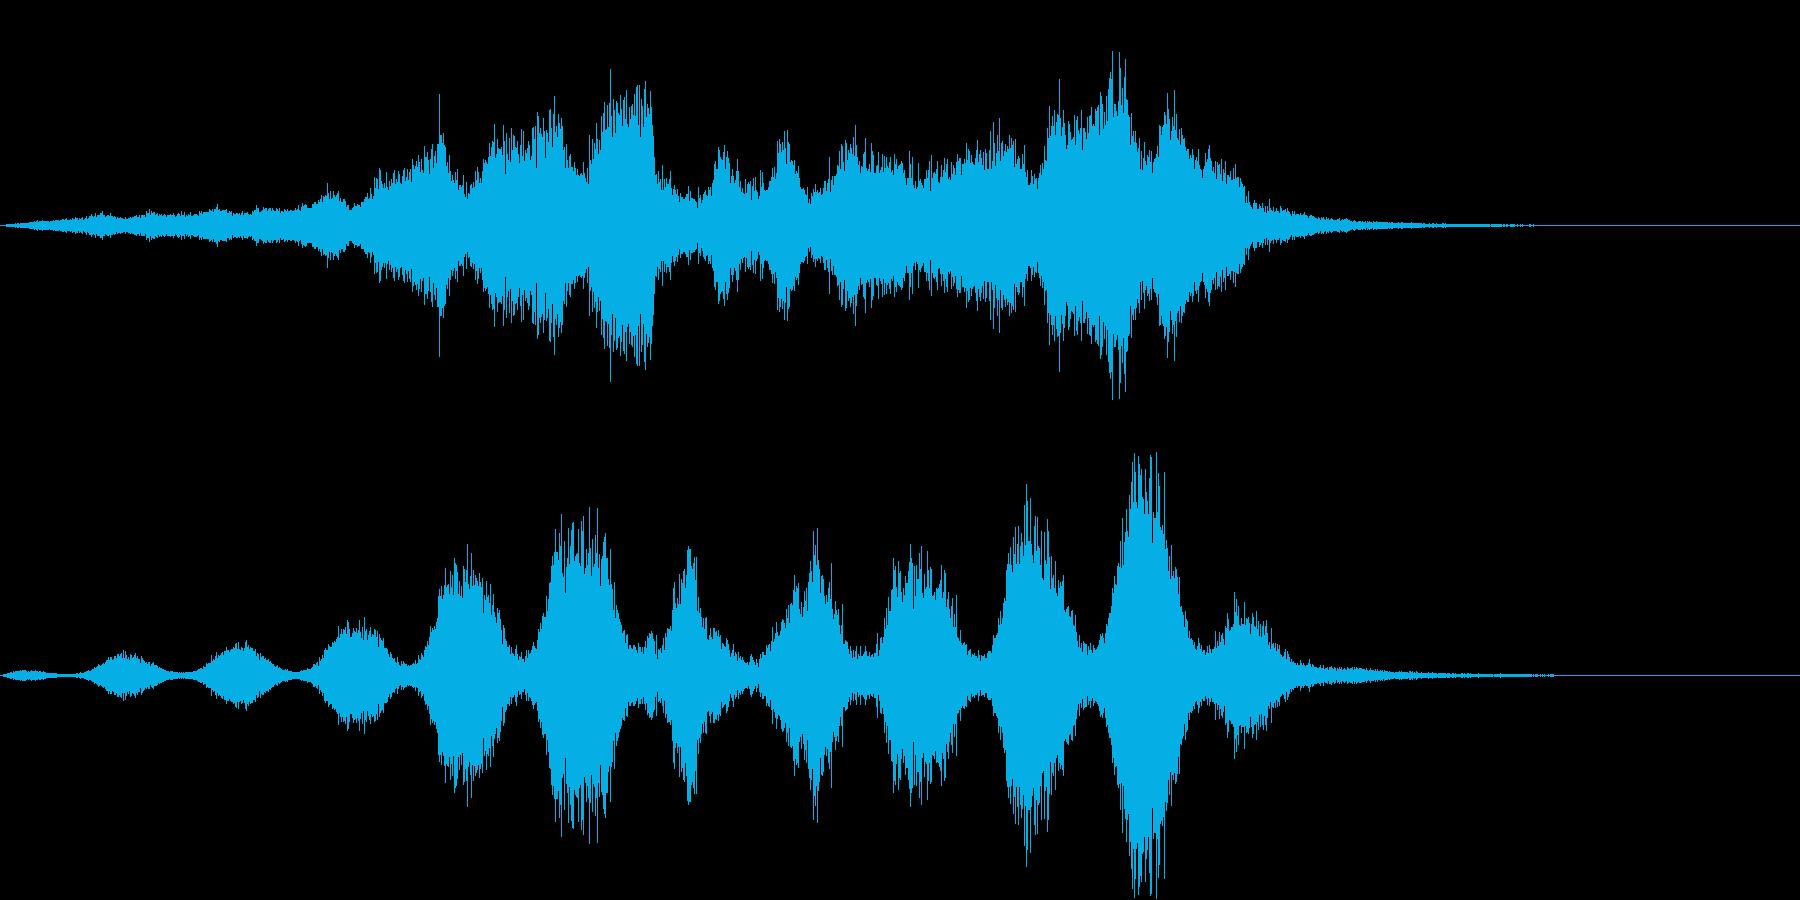 【映画演出】SF映画_追い詰められたの再生済みの波形